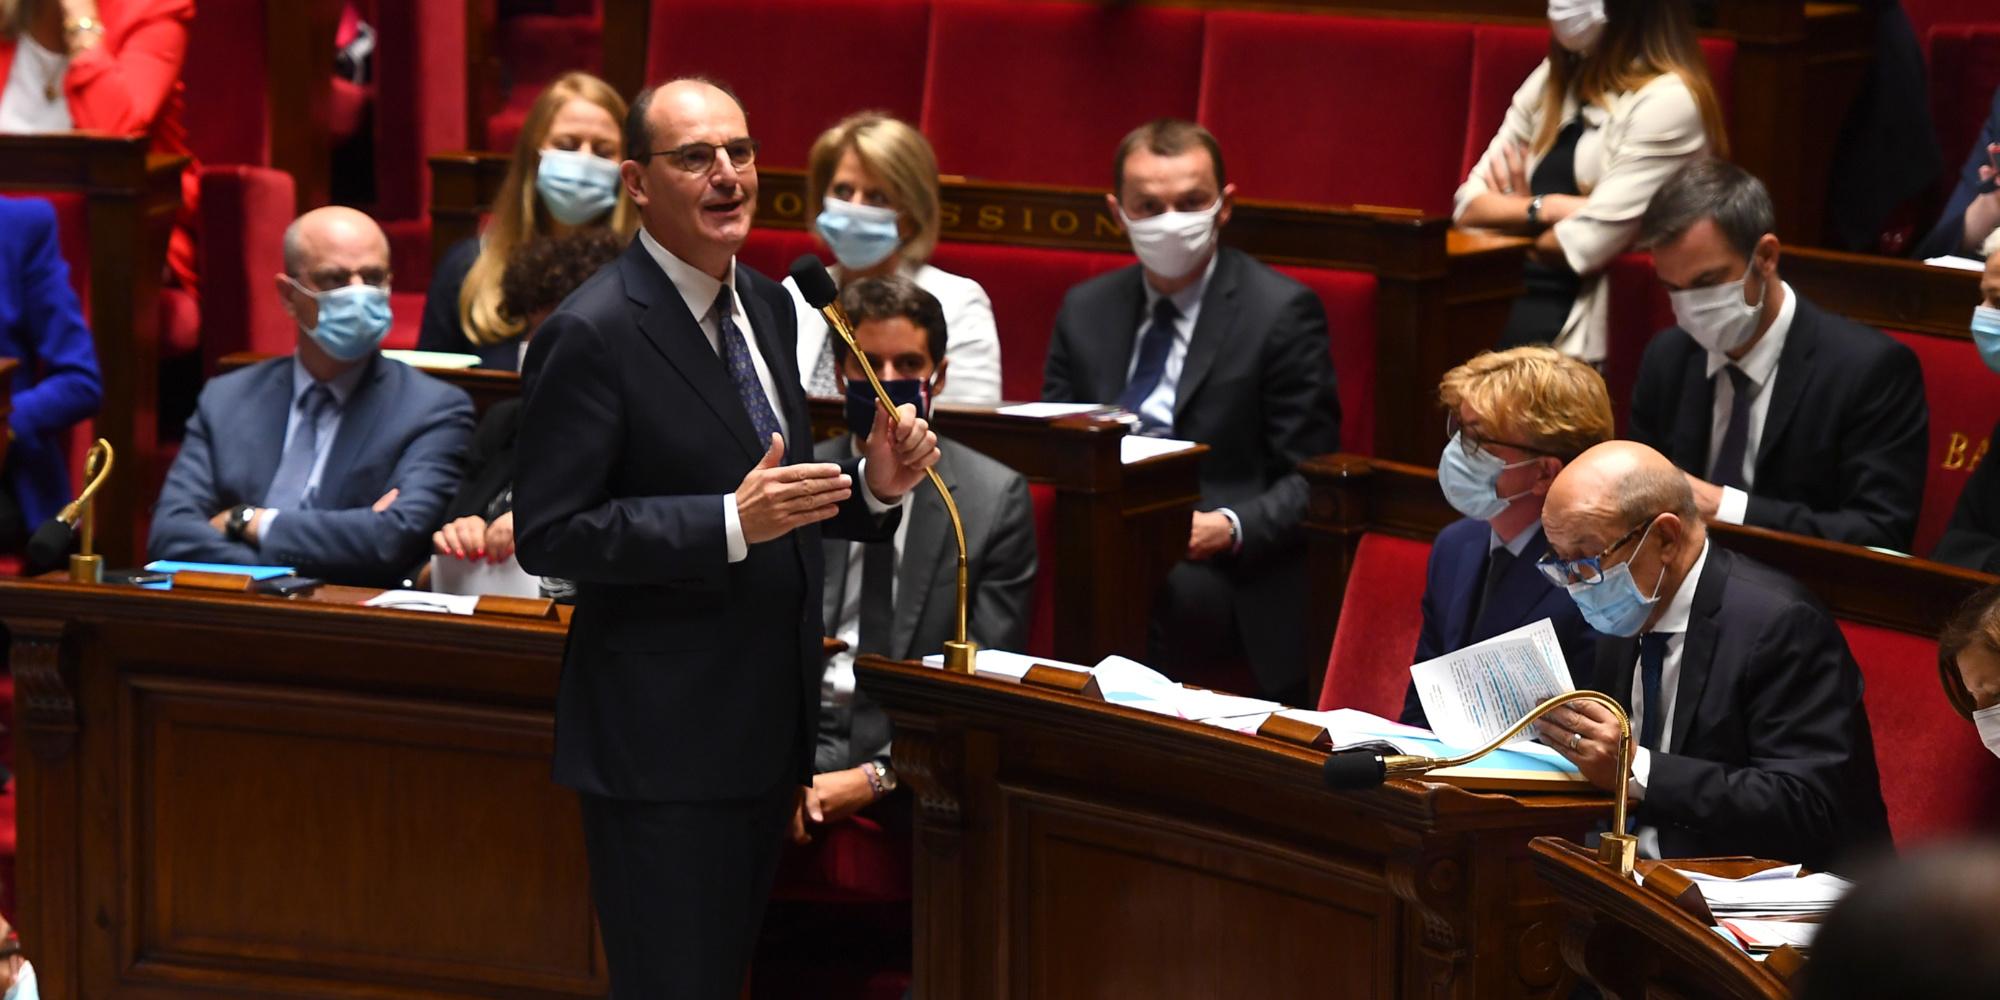 Embouteillage de réformes au Parlement : les ministres bataillent pour leurs projets de loi